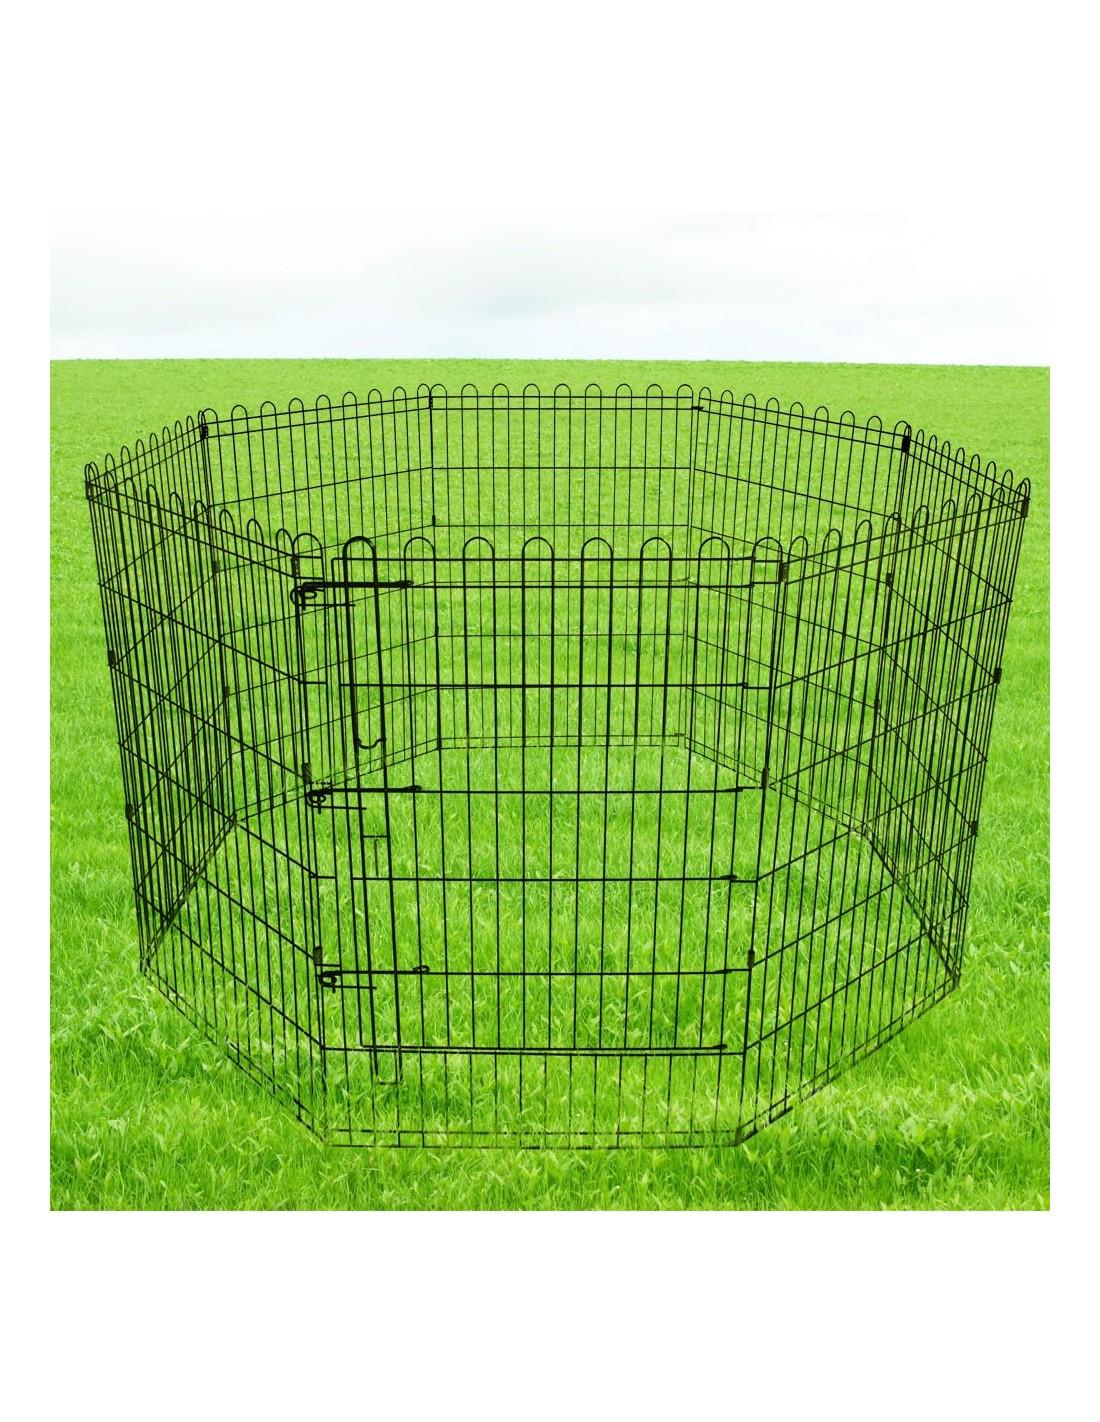 Recinto per cani gatti cuccioli recinzione animali gabbia 8 elementi - Recinto mobile per cani ...